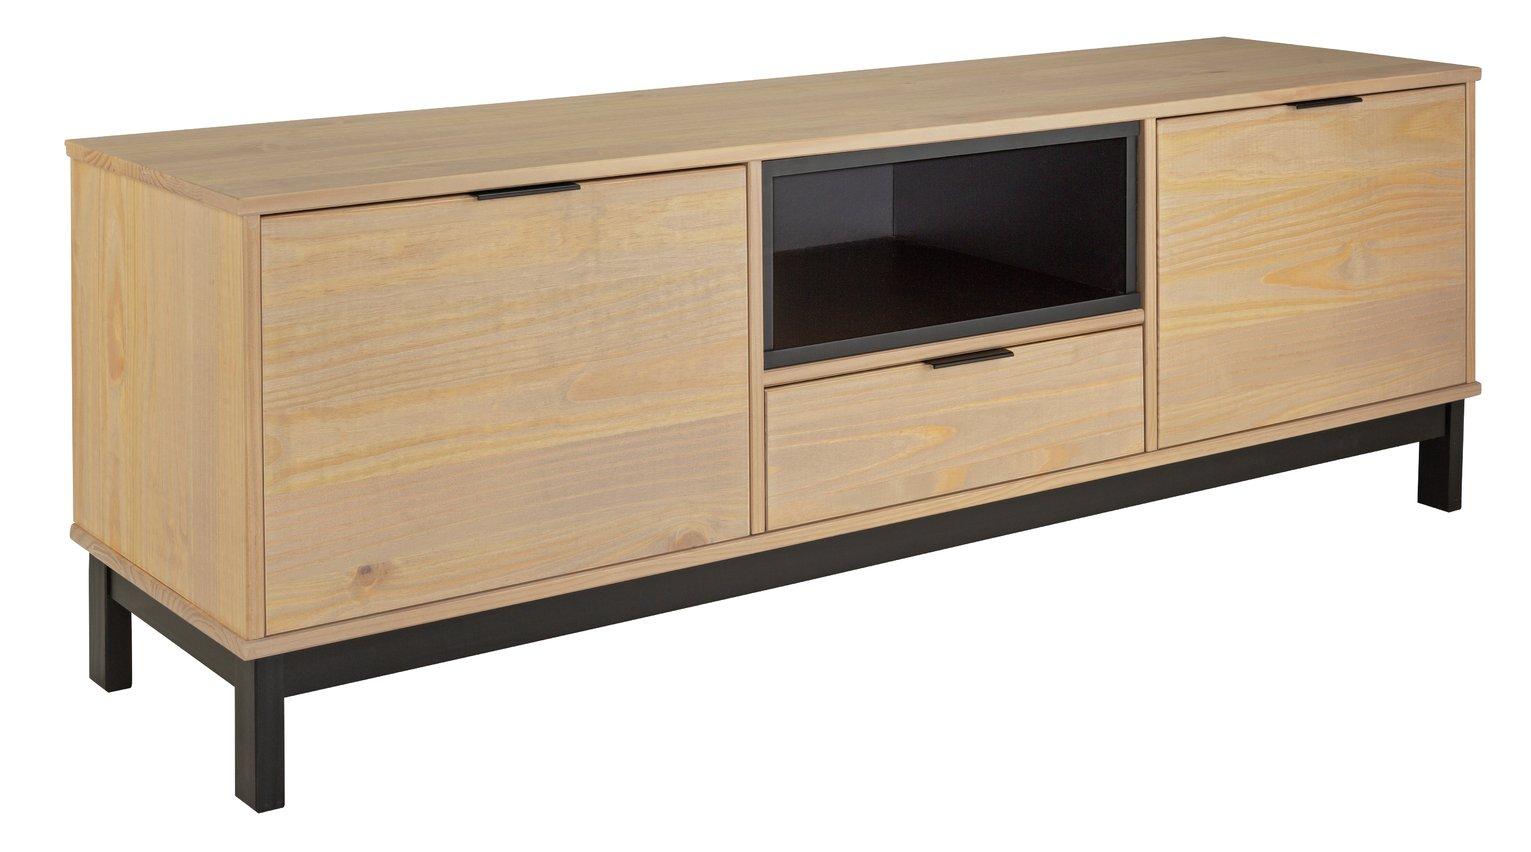 Argos Home Industrial Pine 2 Door 1 Drawer TV Unit - Natural